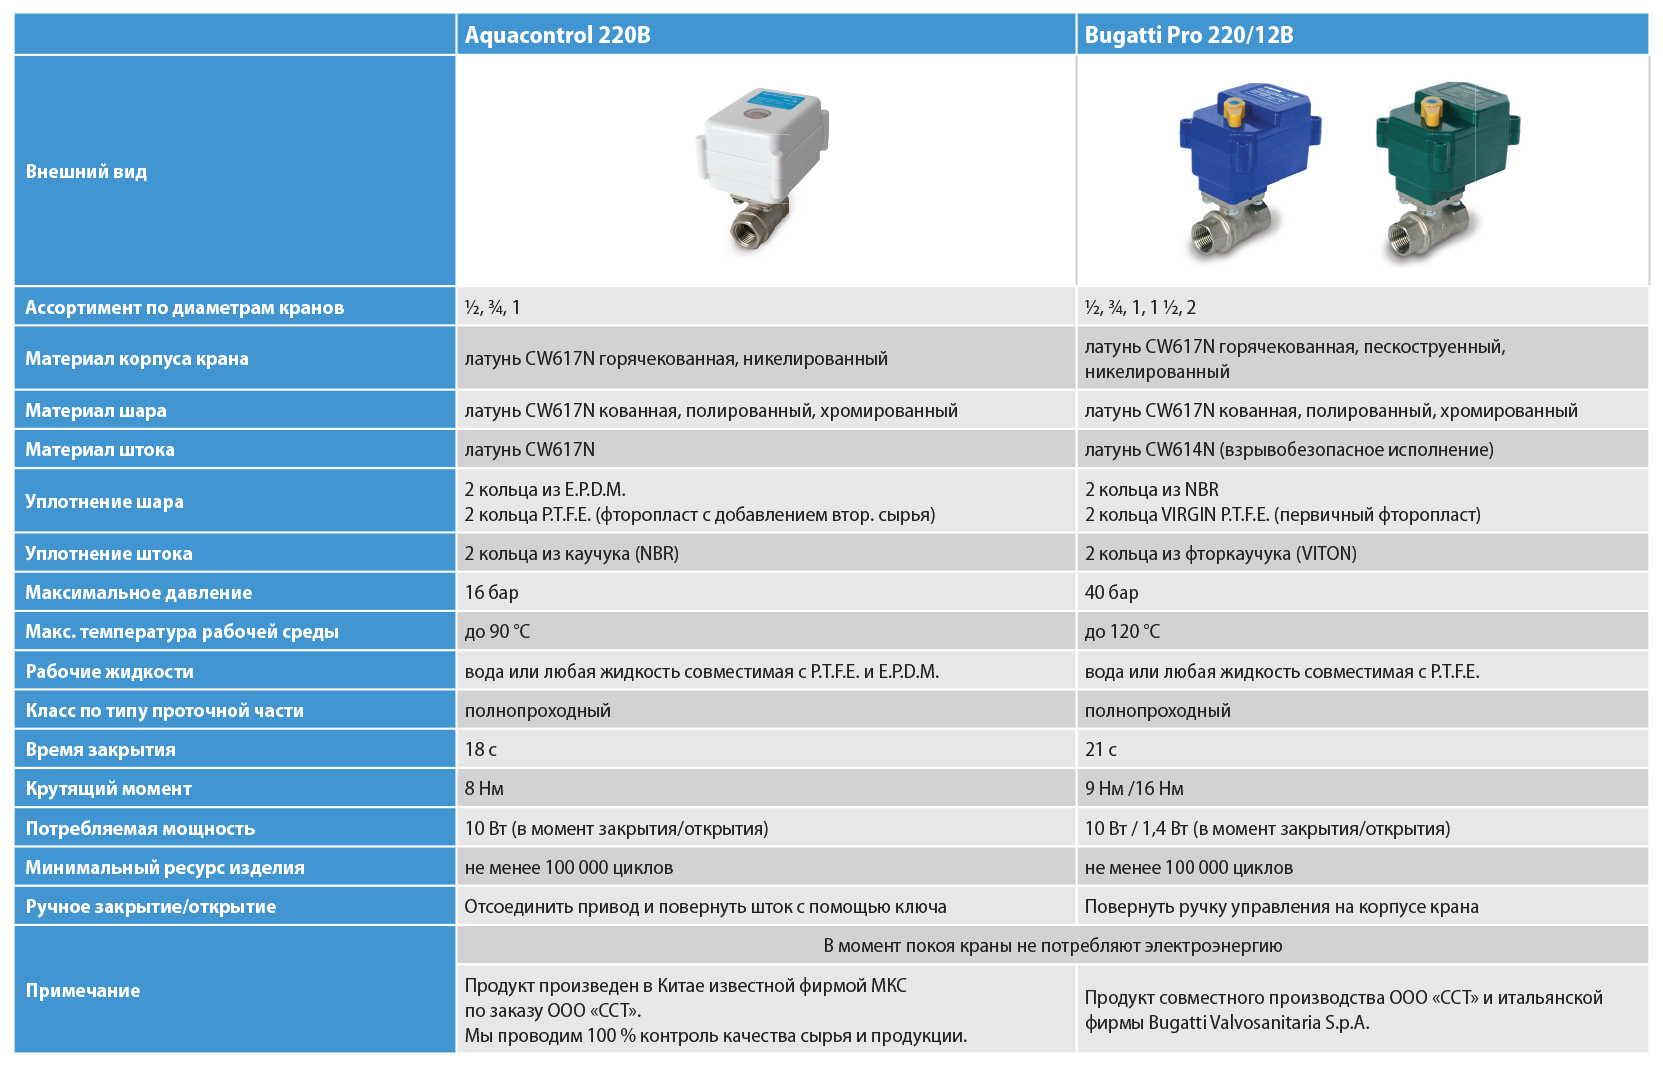 Система защиты от протечек воды Нептун: плюсы, минусы, характеристики